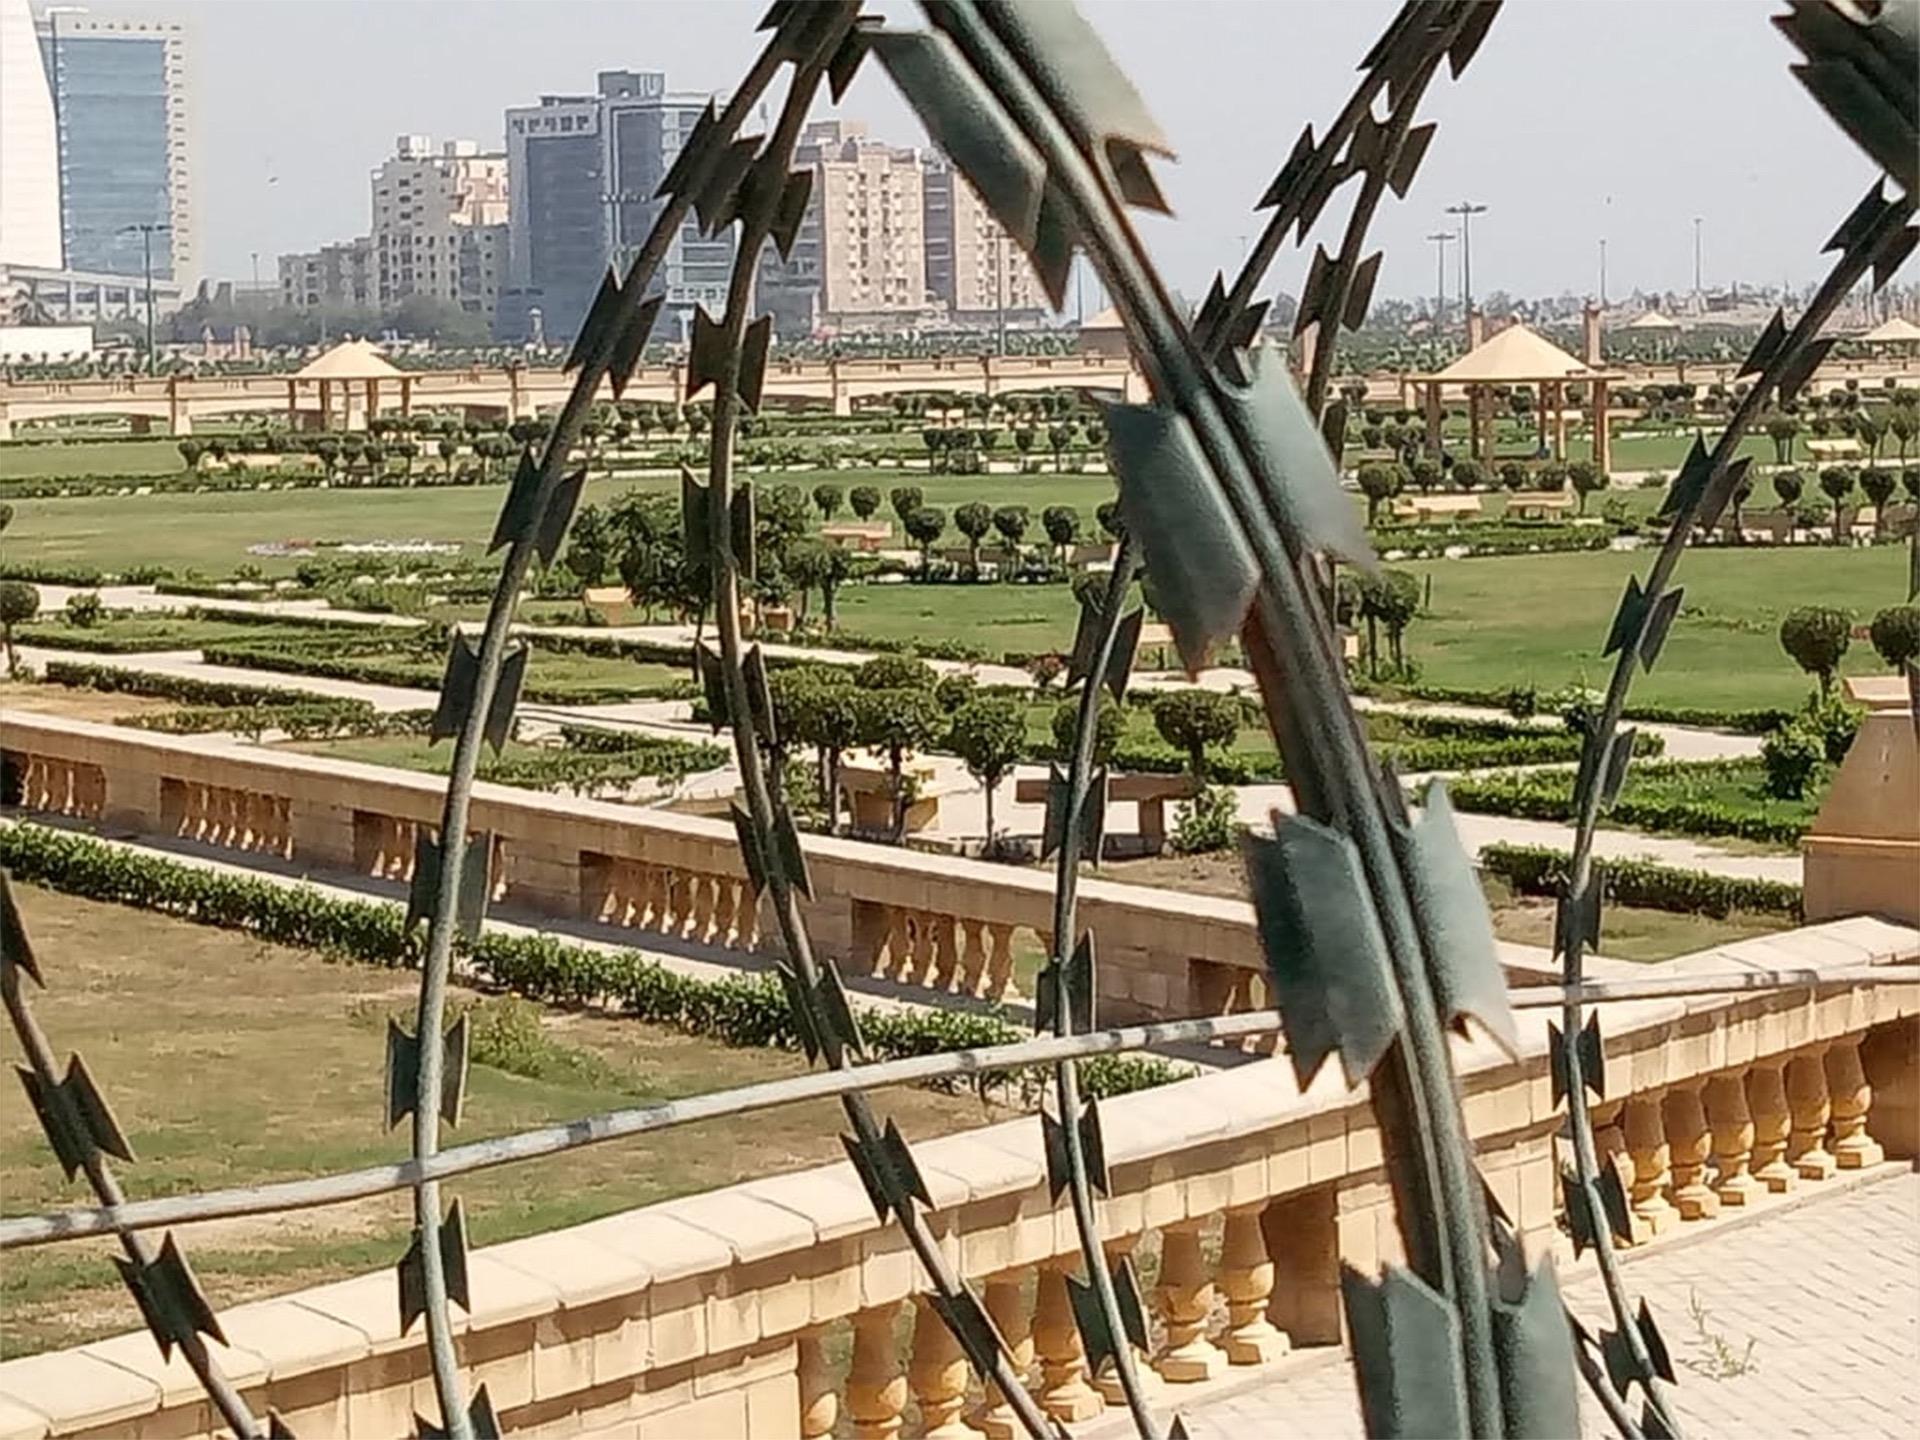 Abba-Grass-2-12x16cm